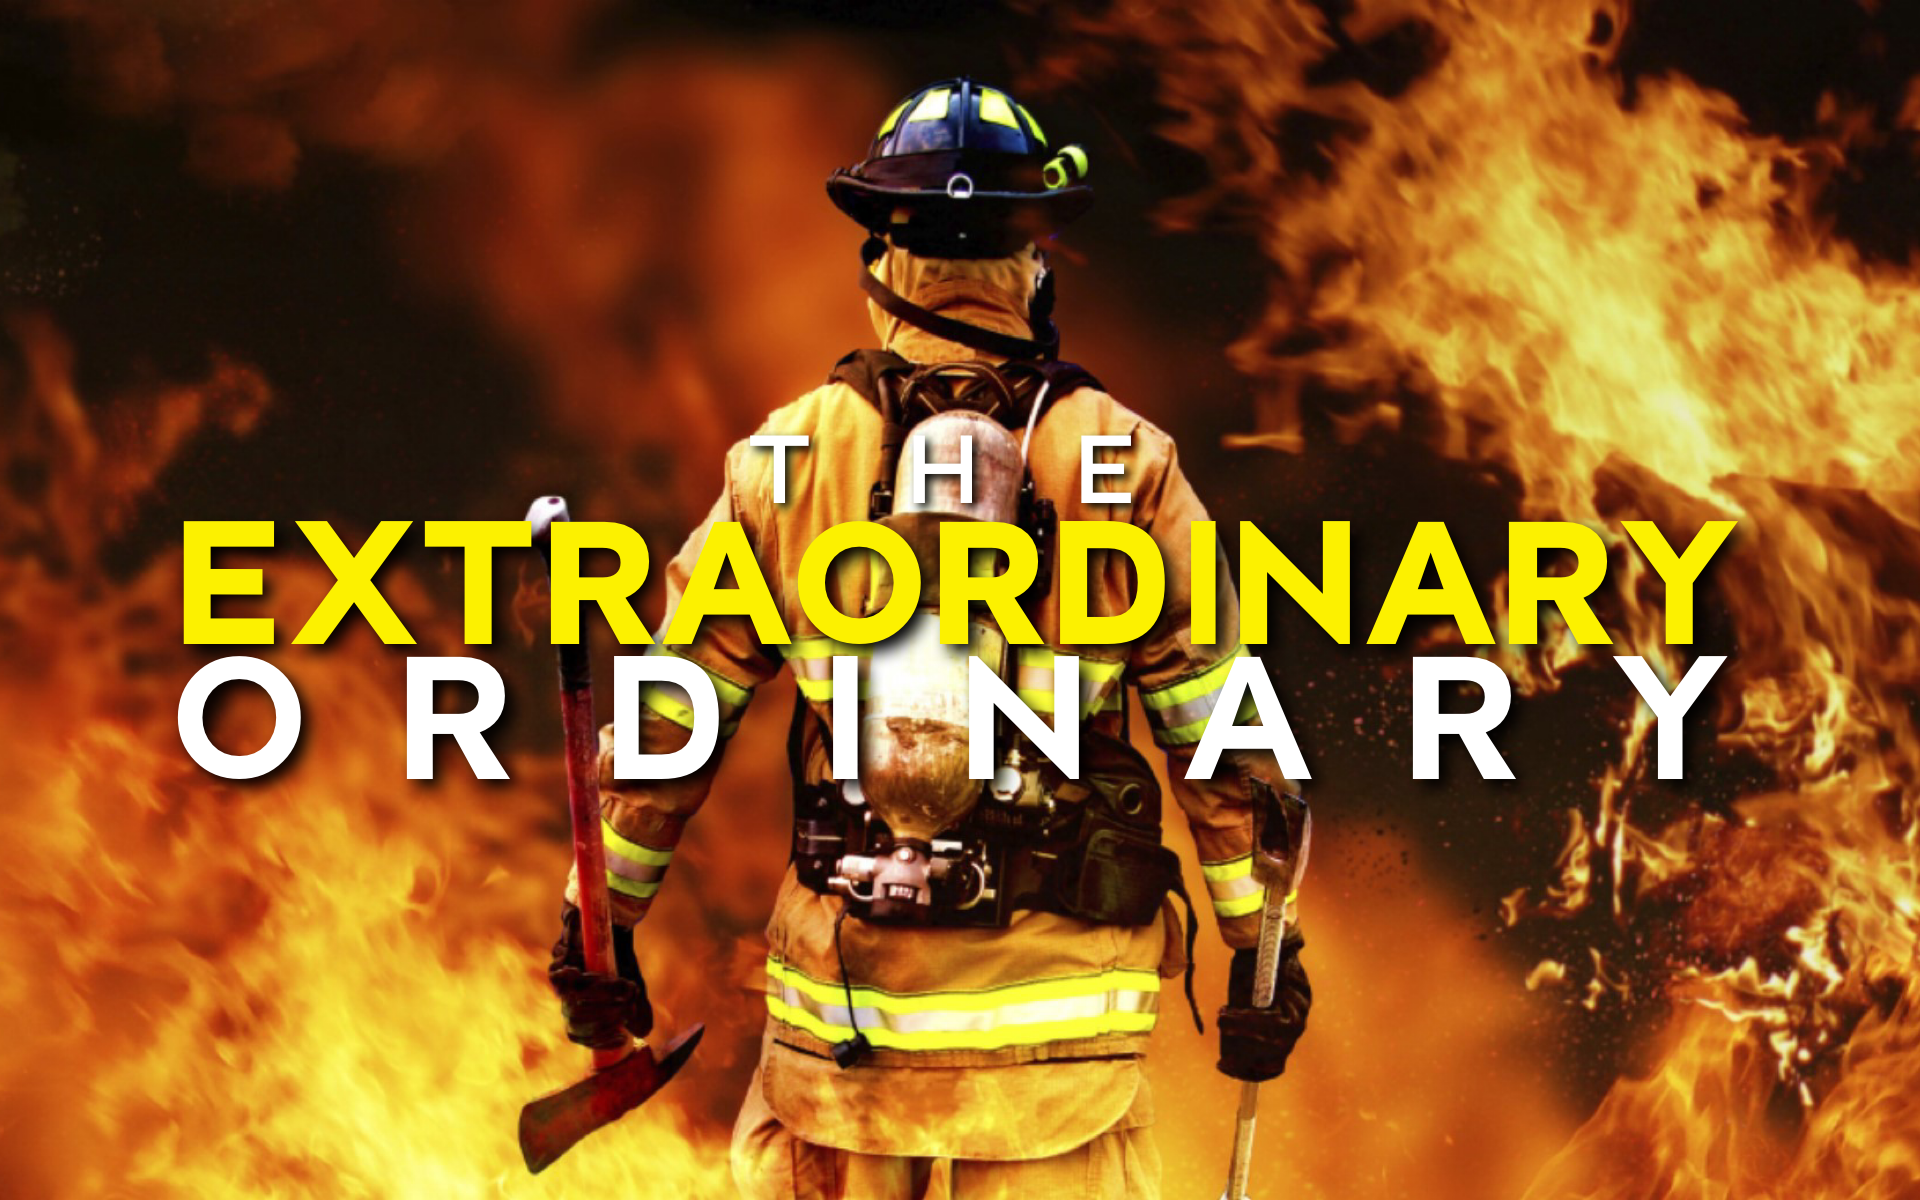 The Extraordinary Ordinary  (Grade 4)